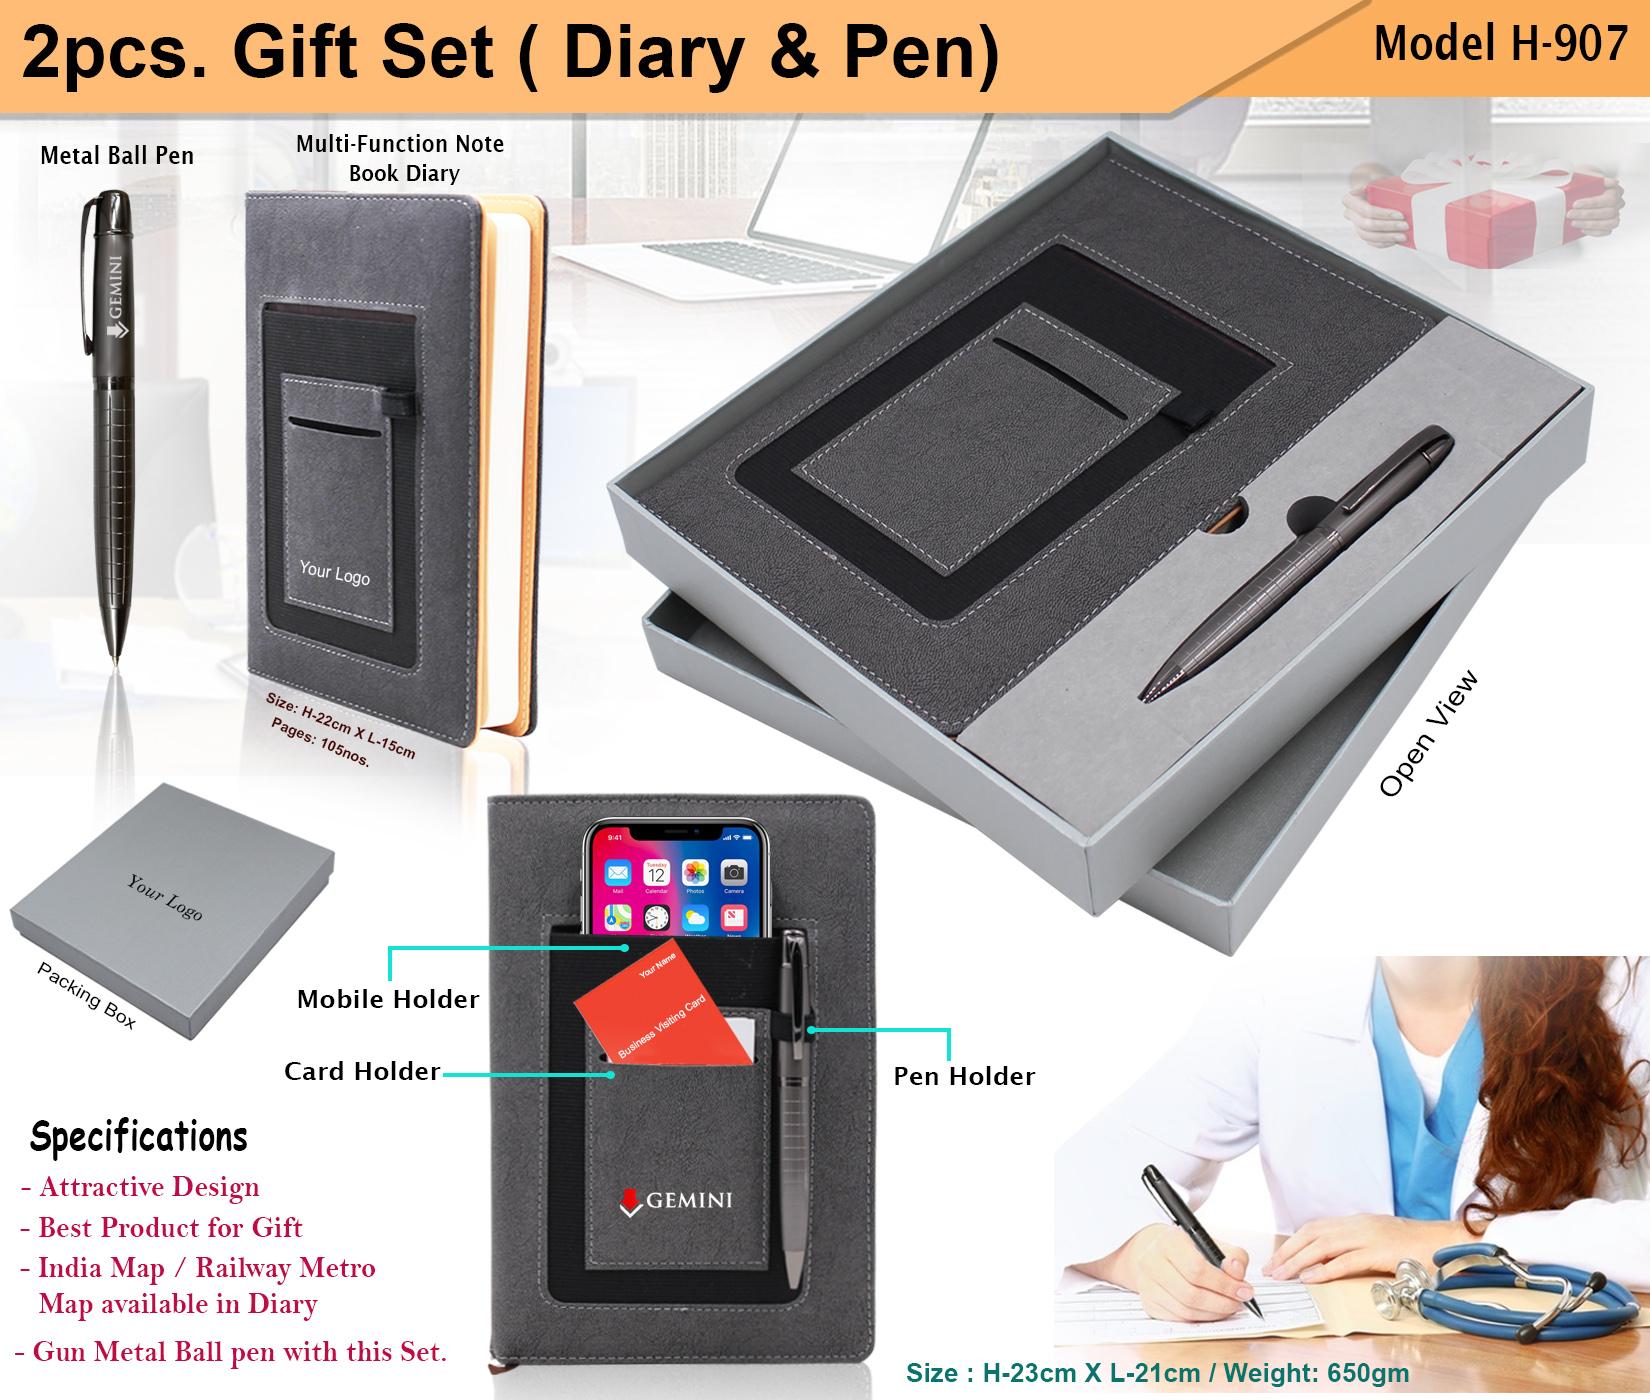 2pcs gift Set Diary Pen H-907